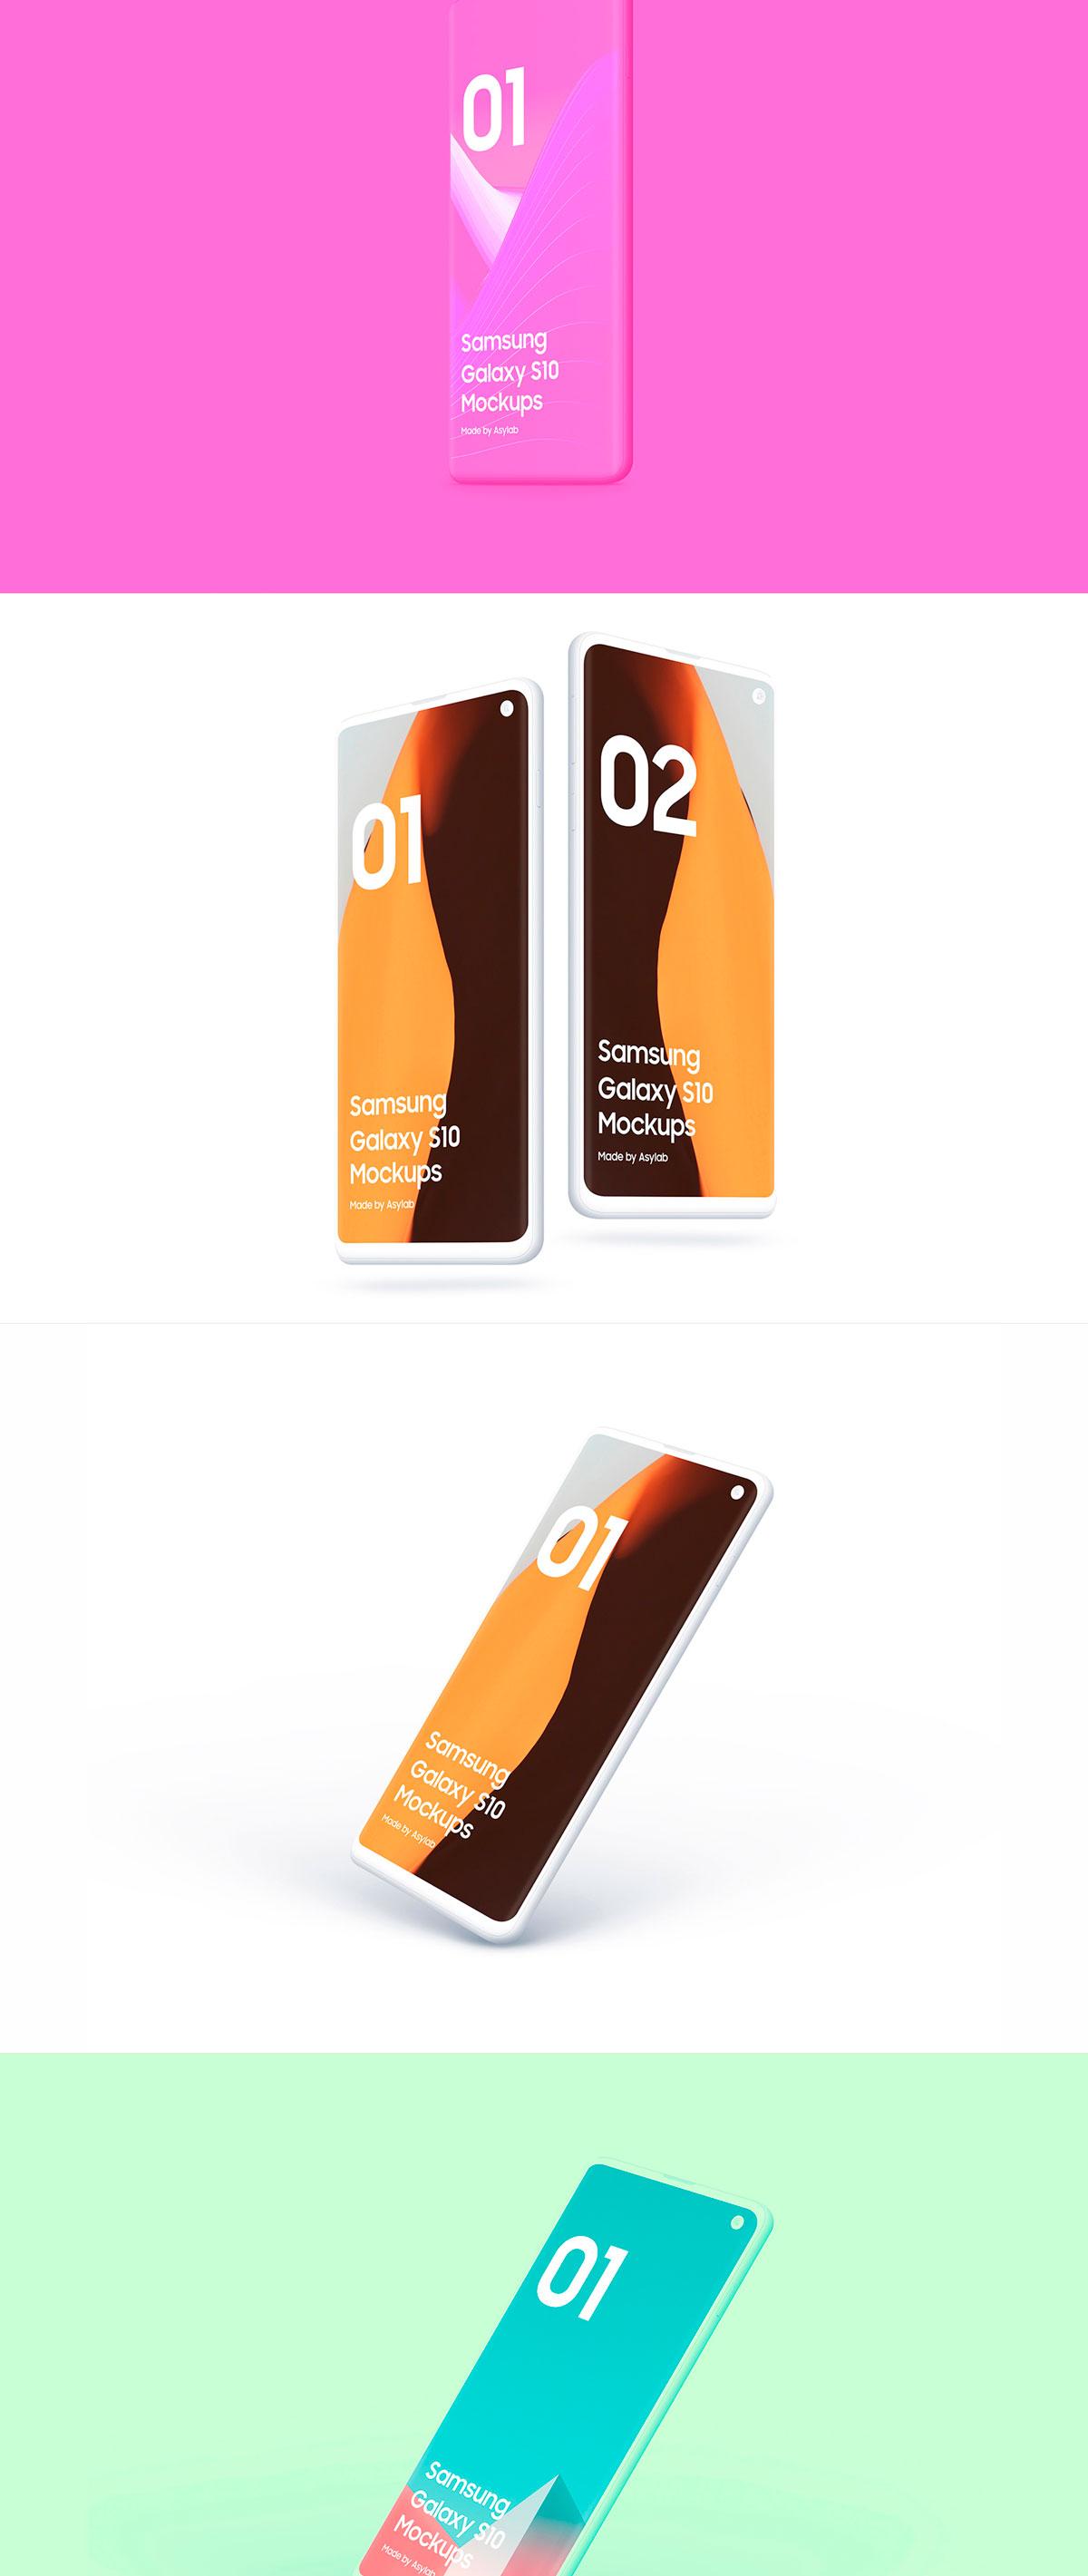 陶瓷质感三星Galaxy S10智能手机样机模板 Samsung Galaxy S10 – 21 Clay Mockups插图(16)